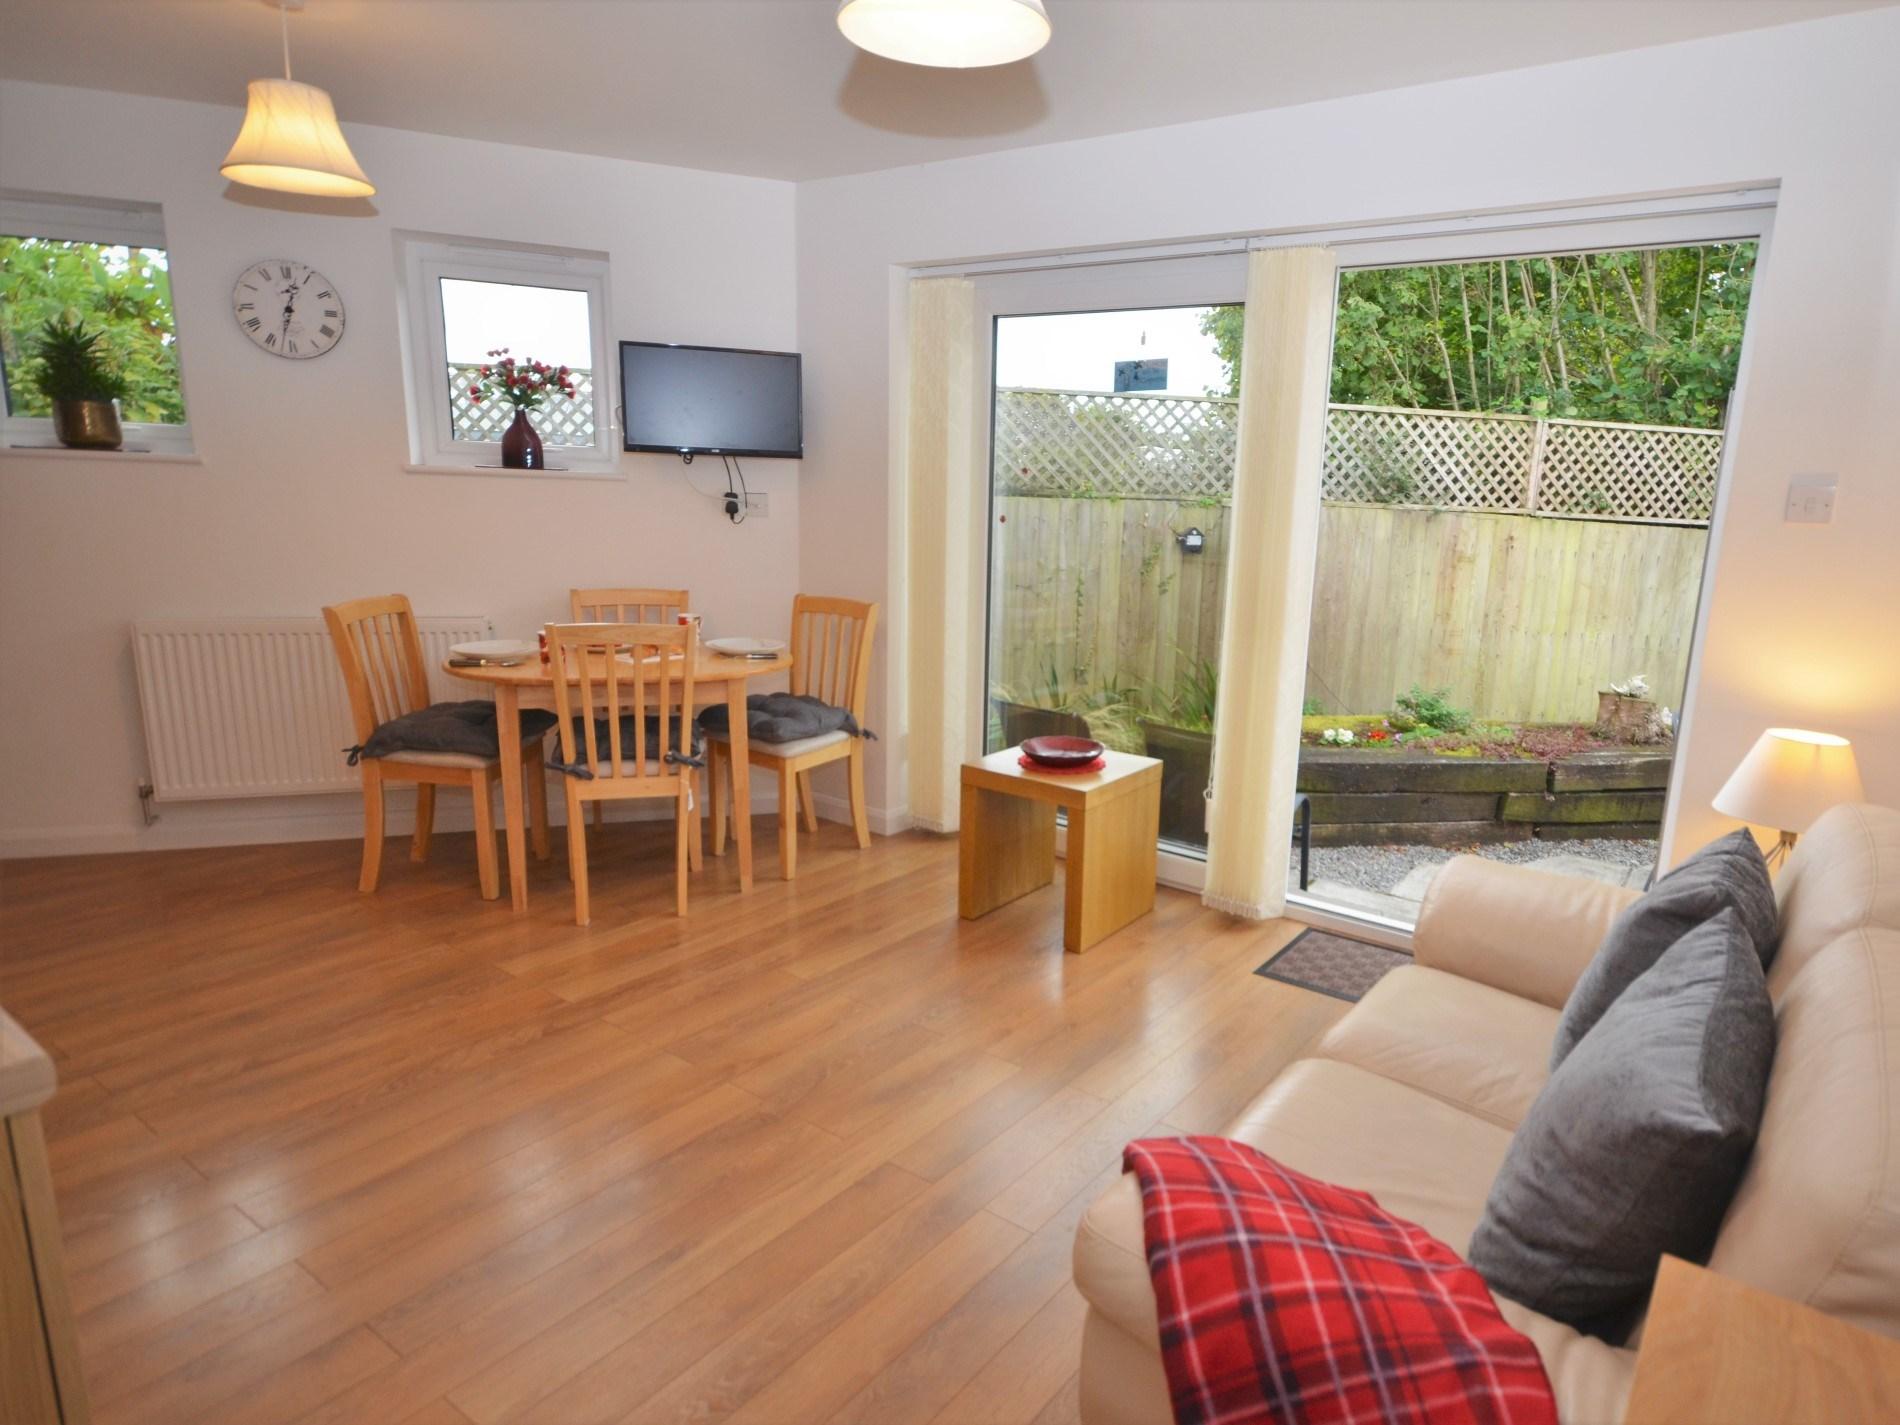 1 Bedroom Wing in South Devon, Devon